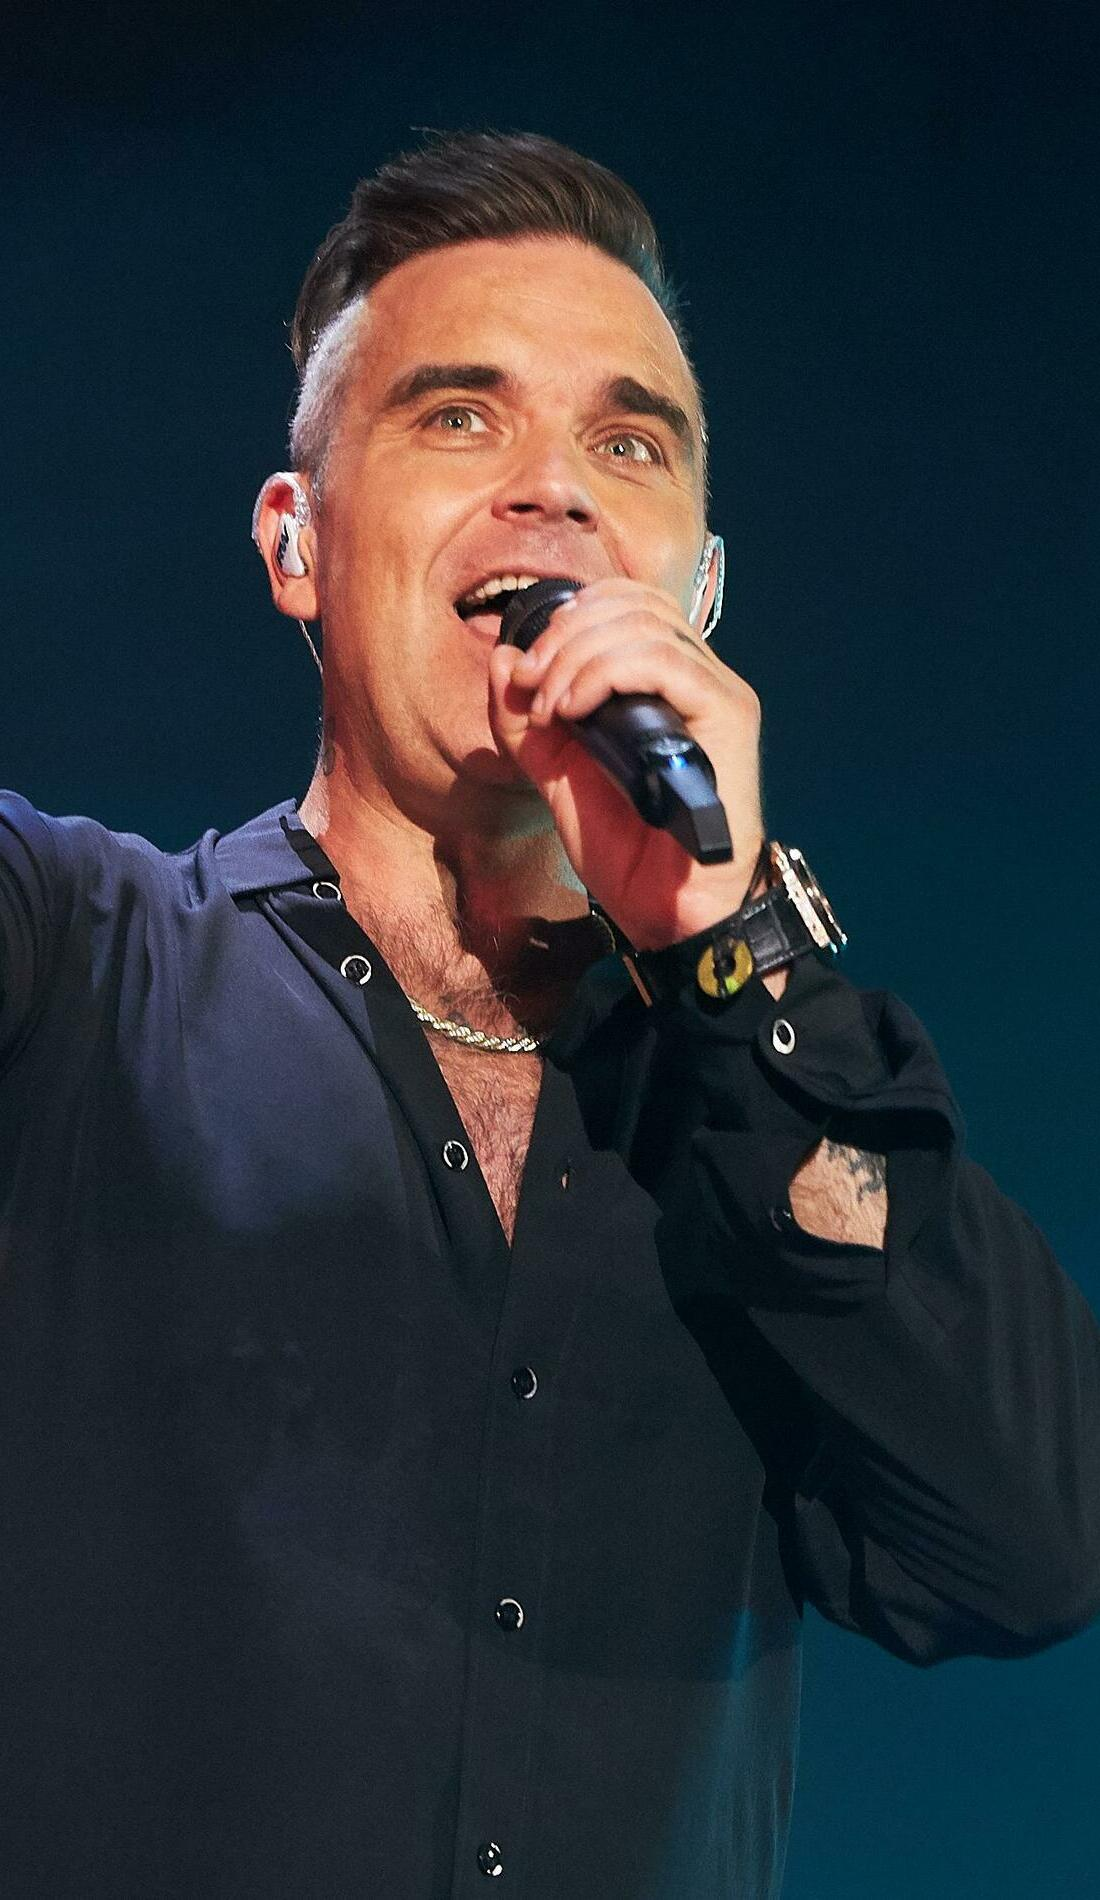 A Robbie Williams live event